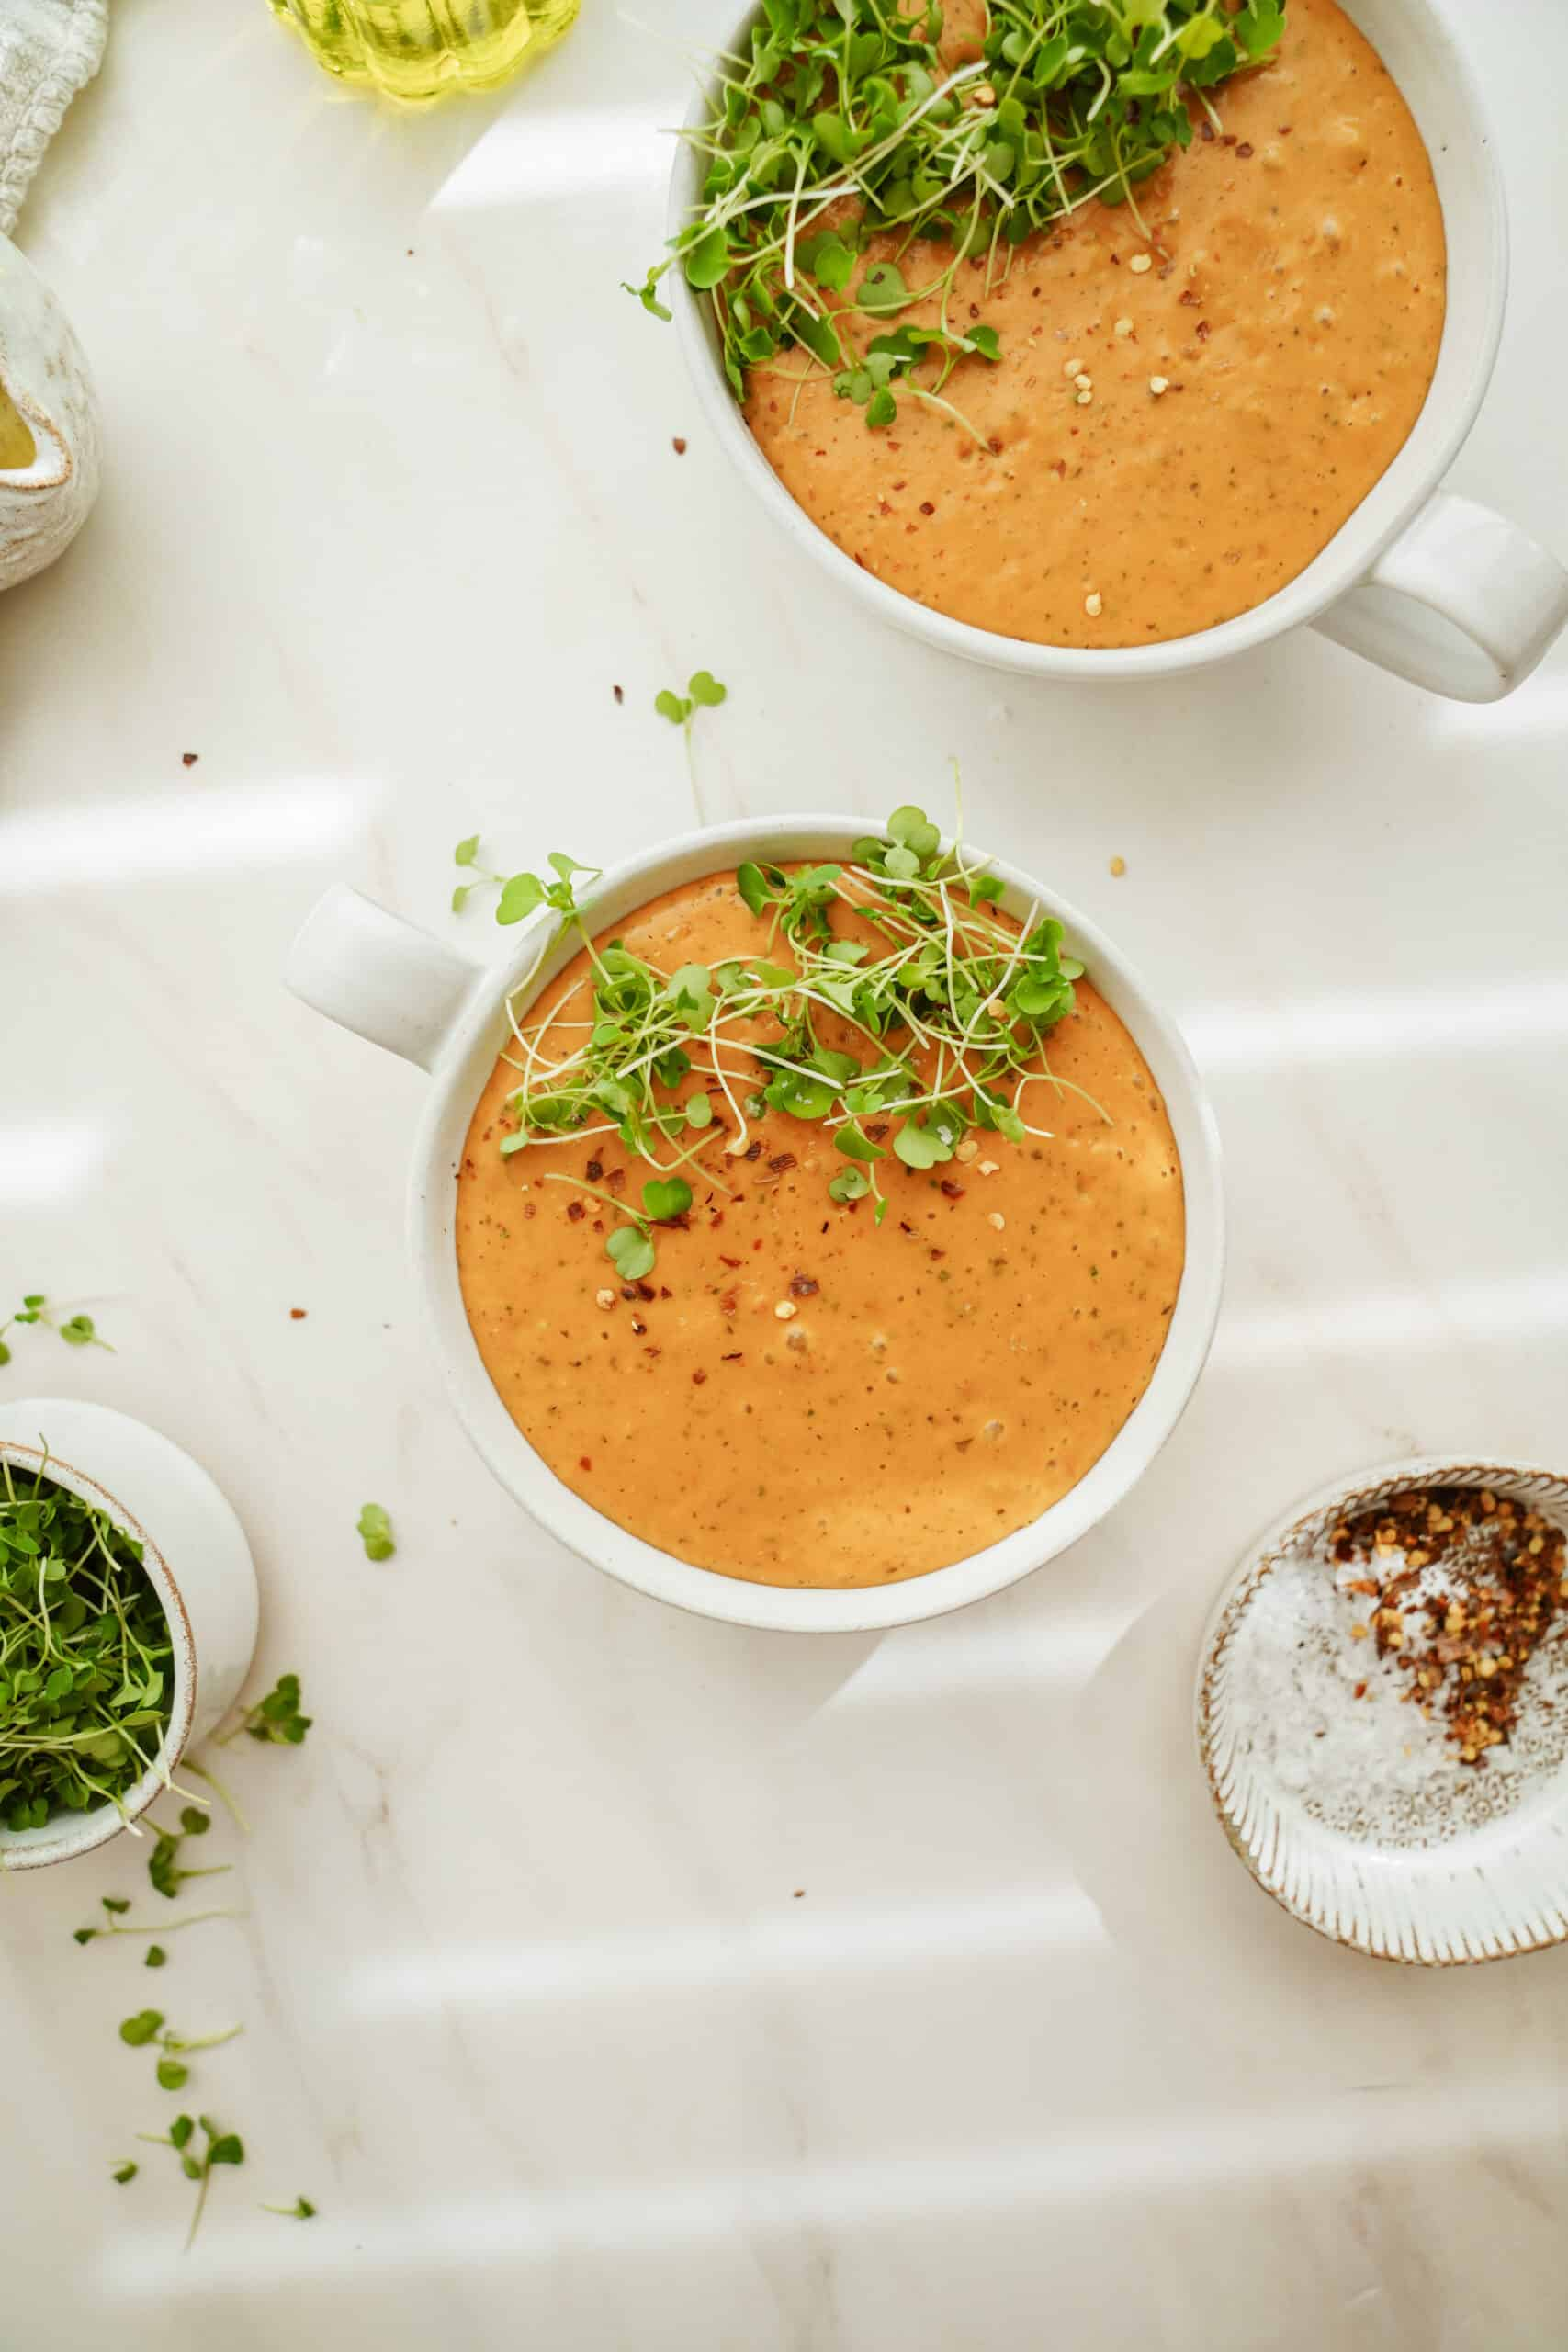 Creamy tomato soup in a white bowl